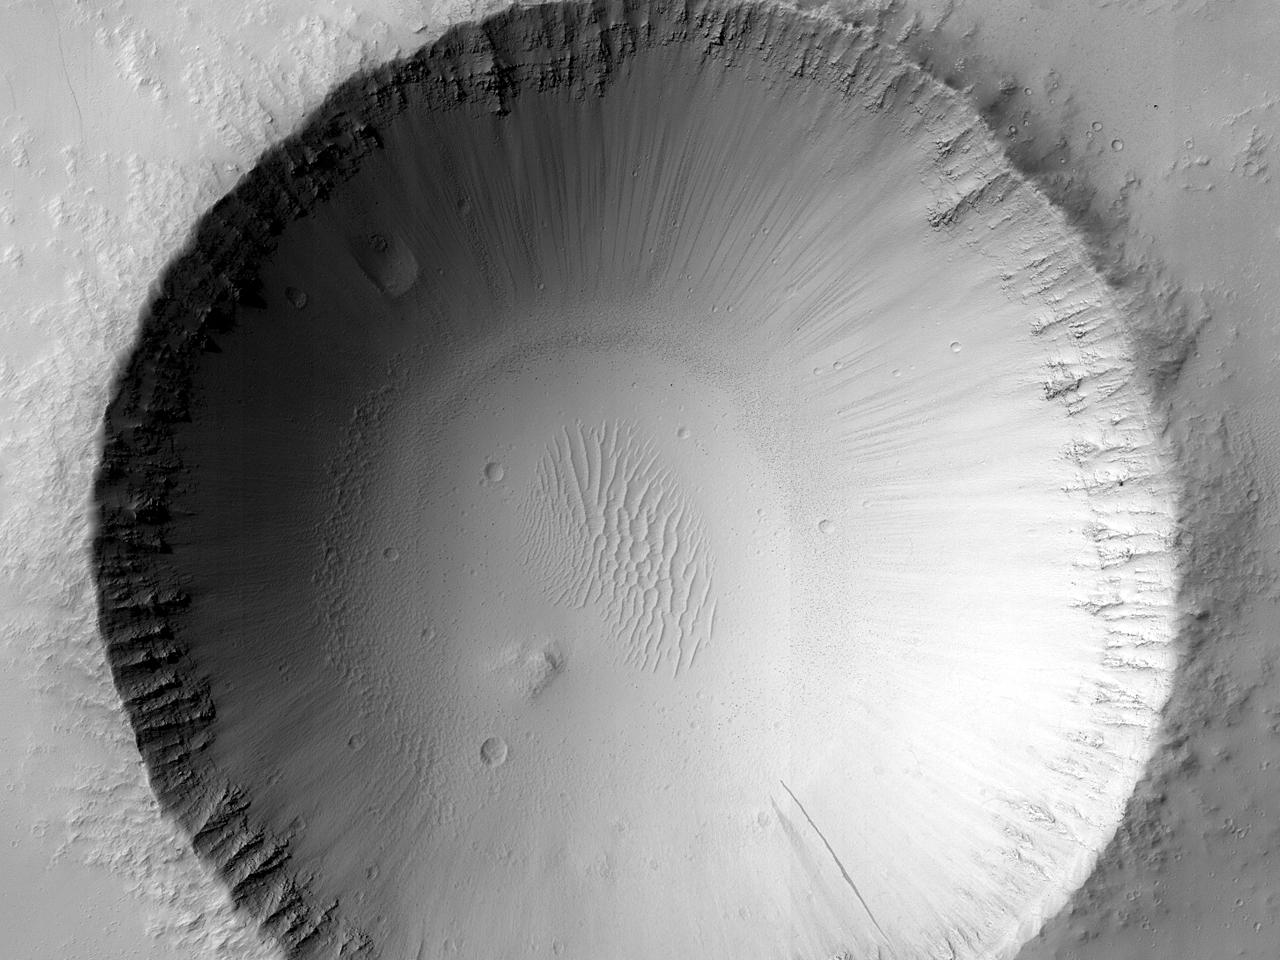 Raviner og dyner i et krater ved Fortuna Fossae